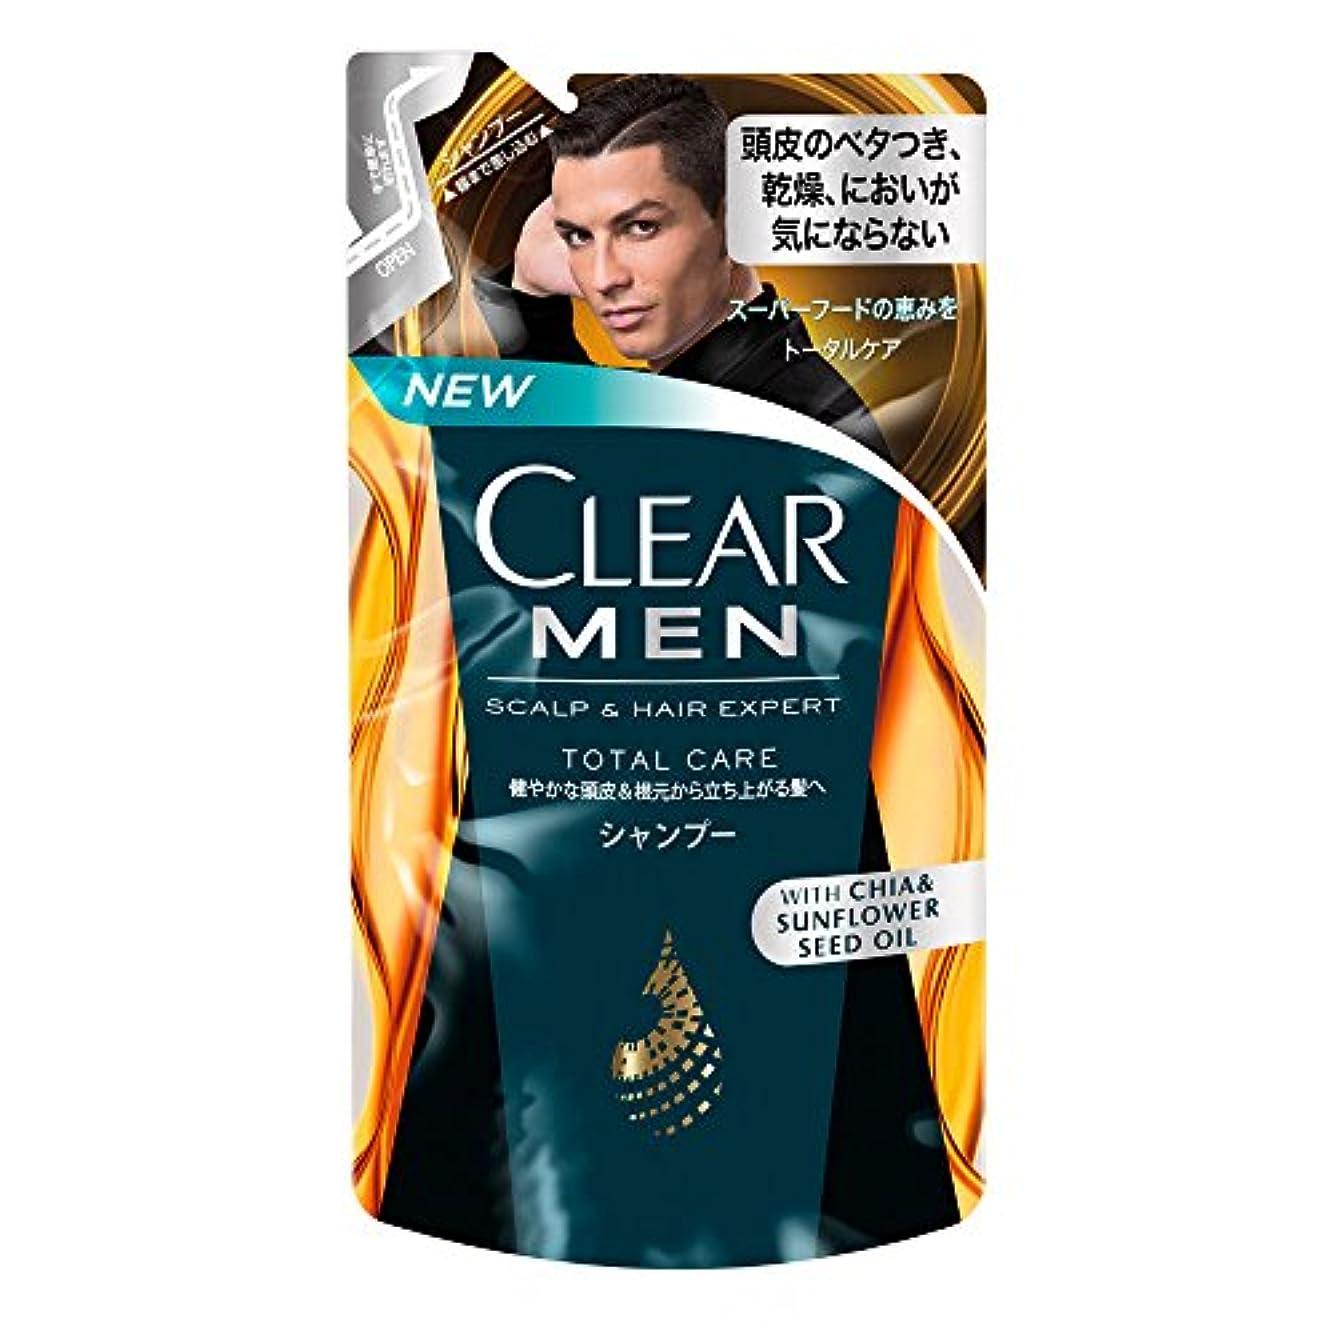 アトムベアリングマラソンクリア フォーメン トータルケア 男性用シャンプー つめかえ用 (健やかな頭皮へ) 280g